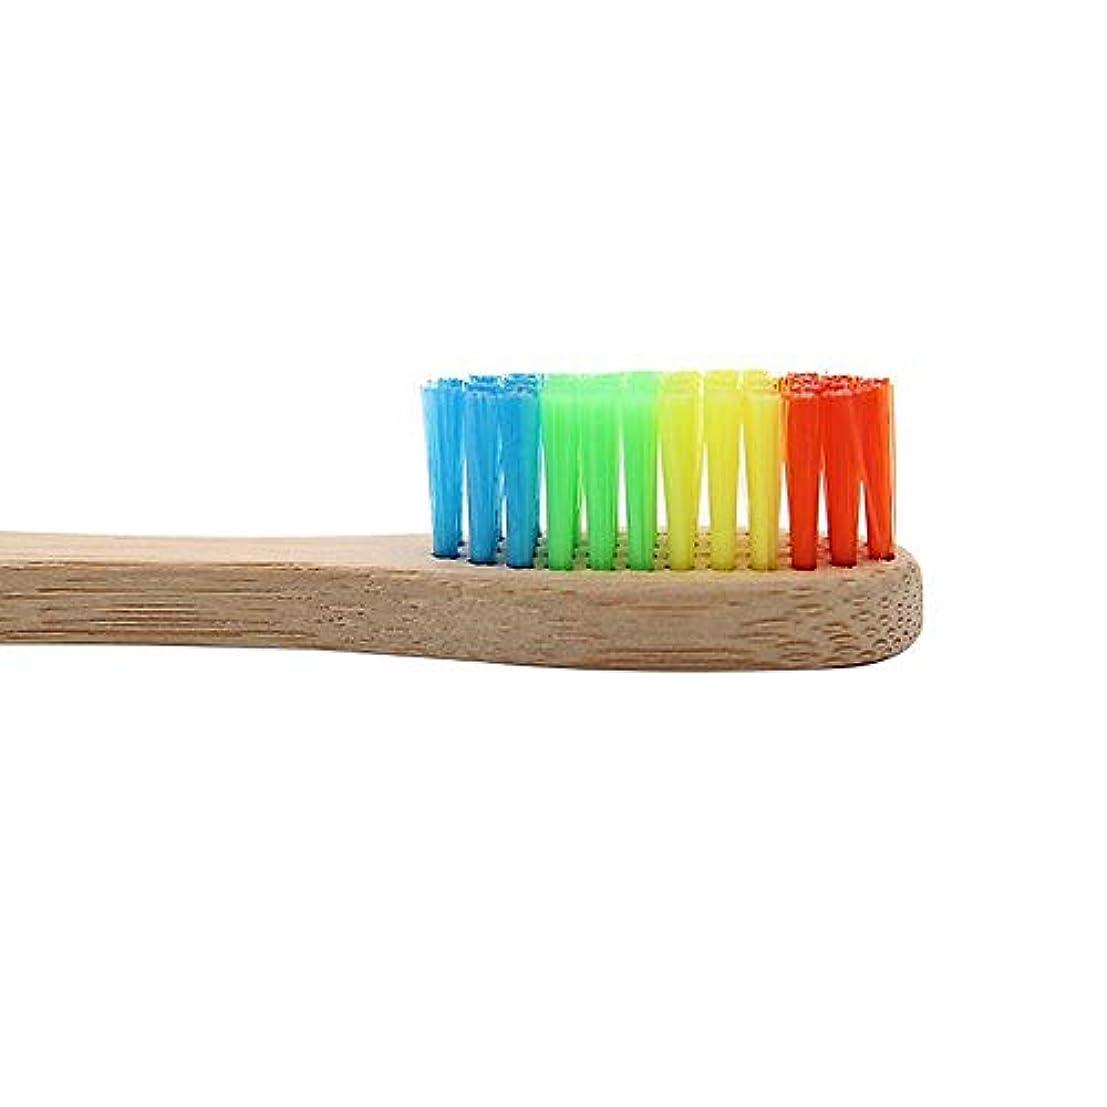 天然竹歯ブラシ 竹の歯ブラシ ナイロン毛 1本  (カラー)